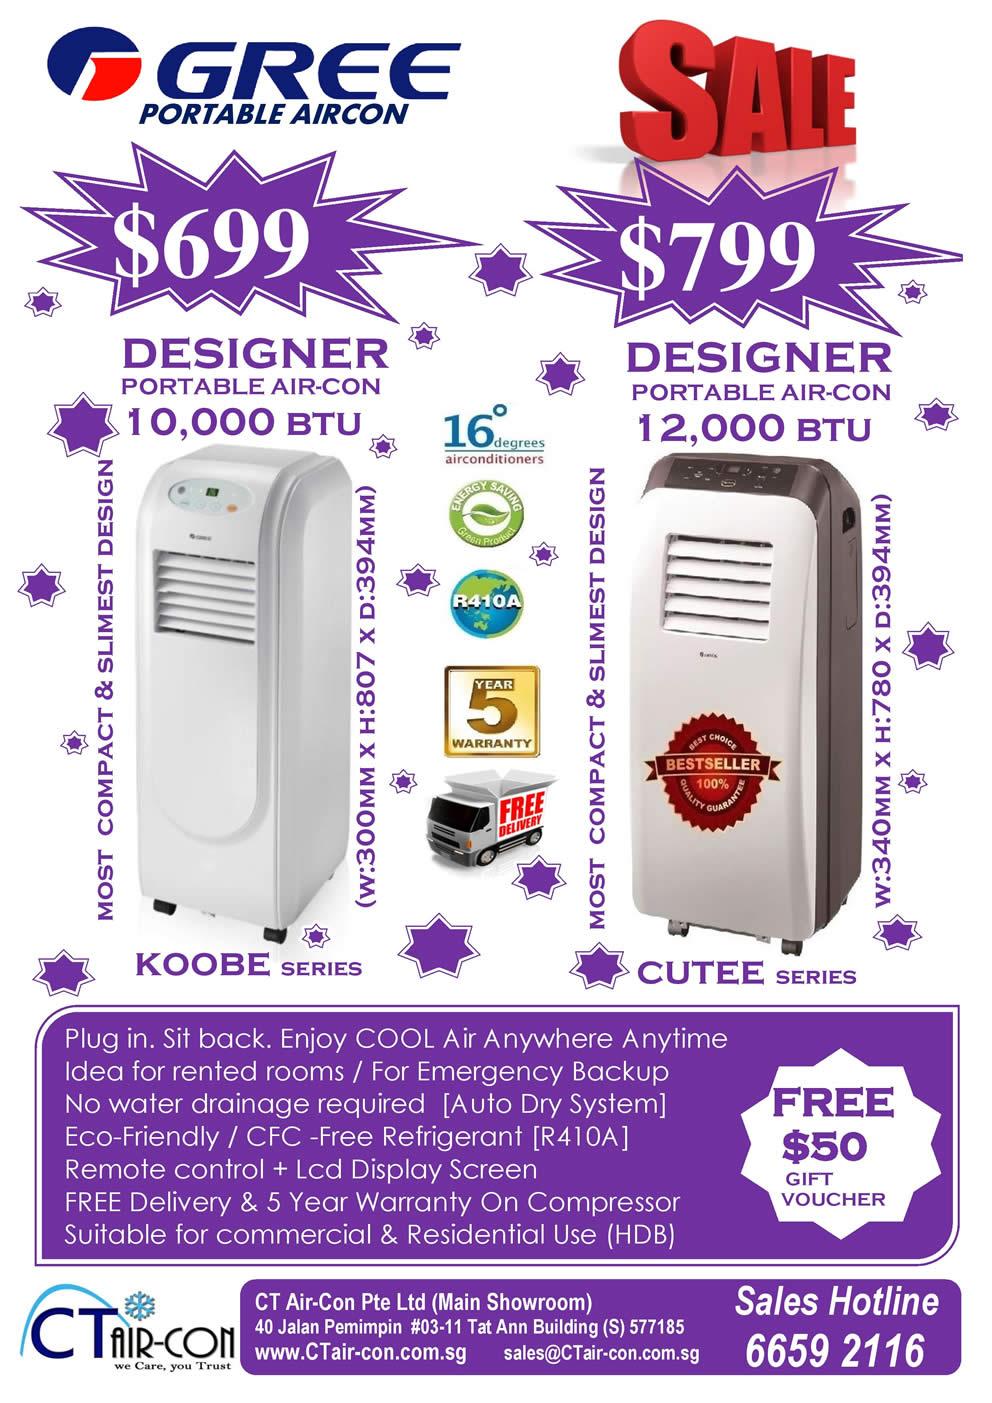 Gree Designer Portable Air Conditioner, Cutee, Koobe